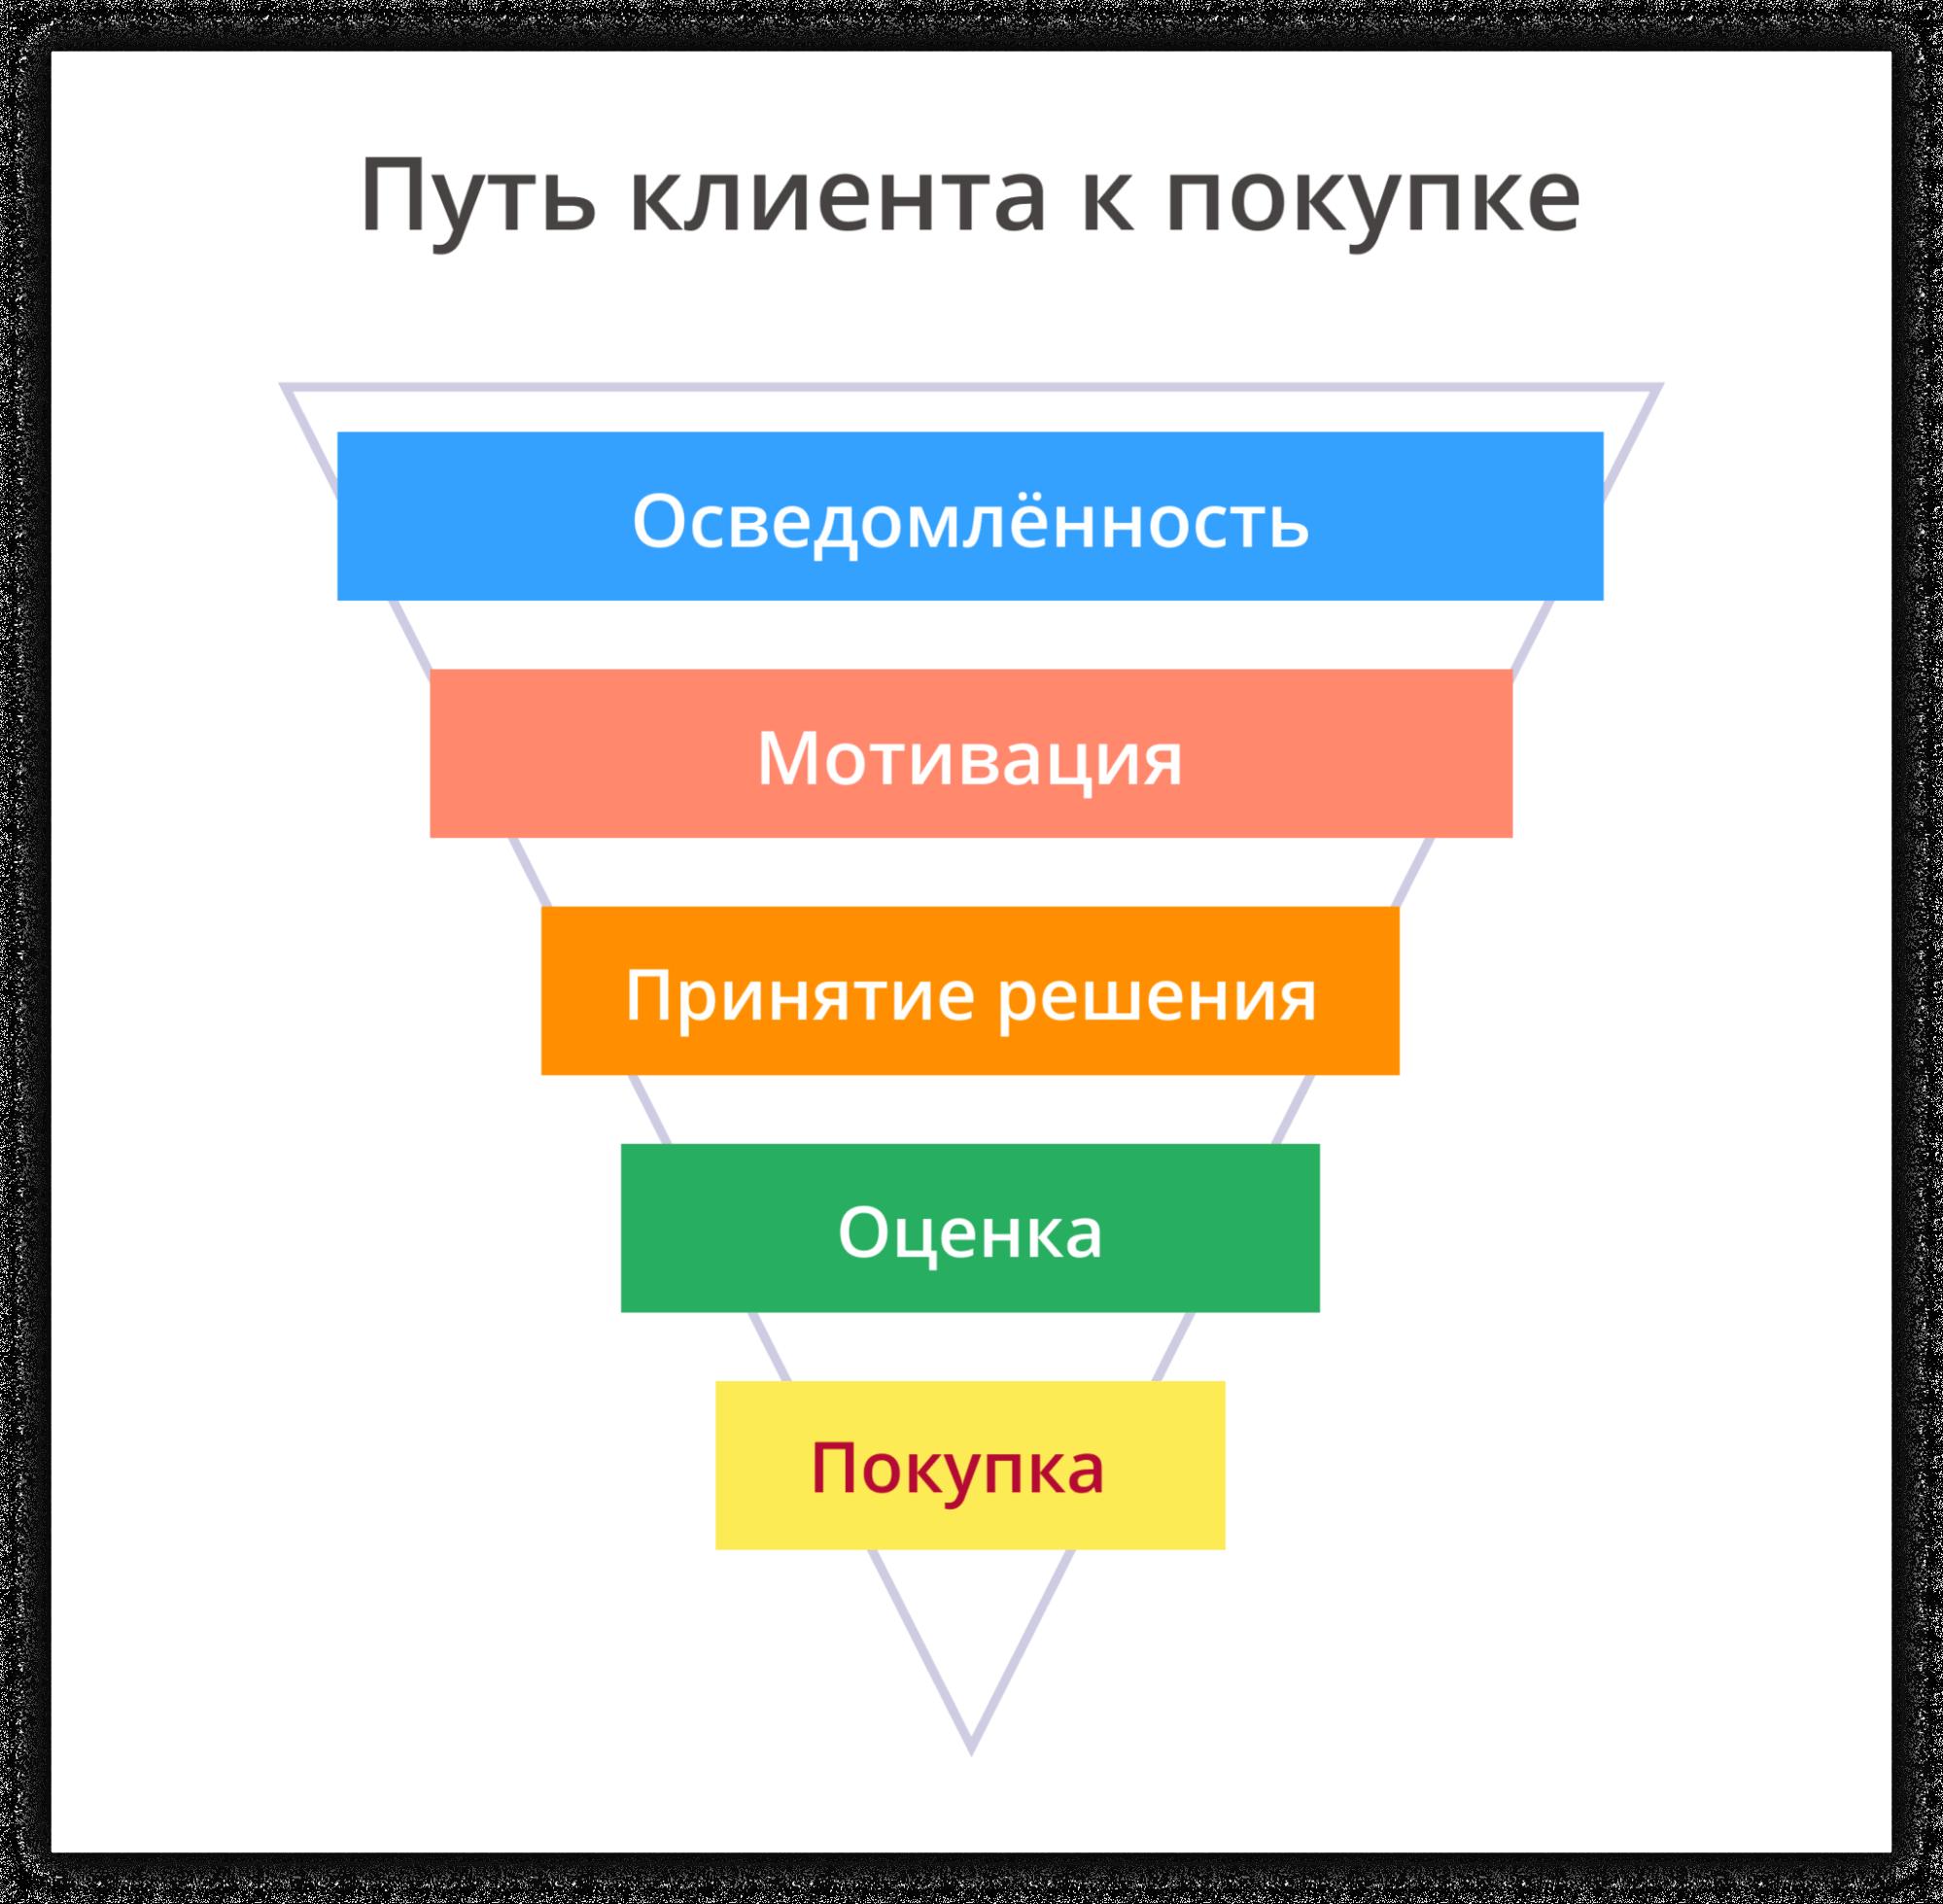 Классическая схема пути клиента к покупке